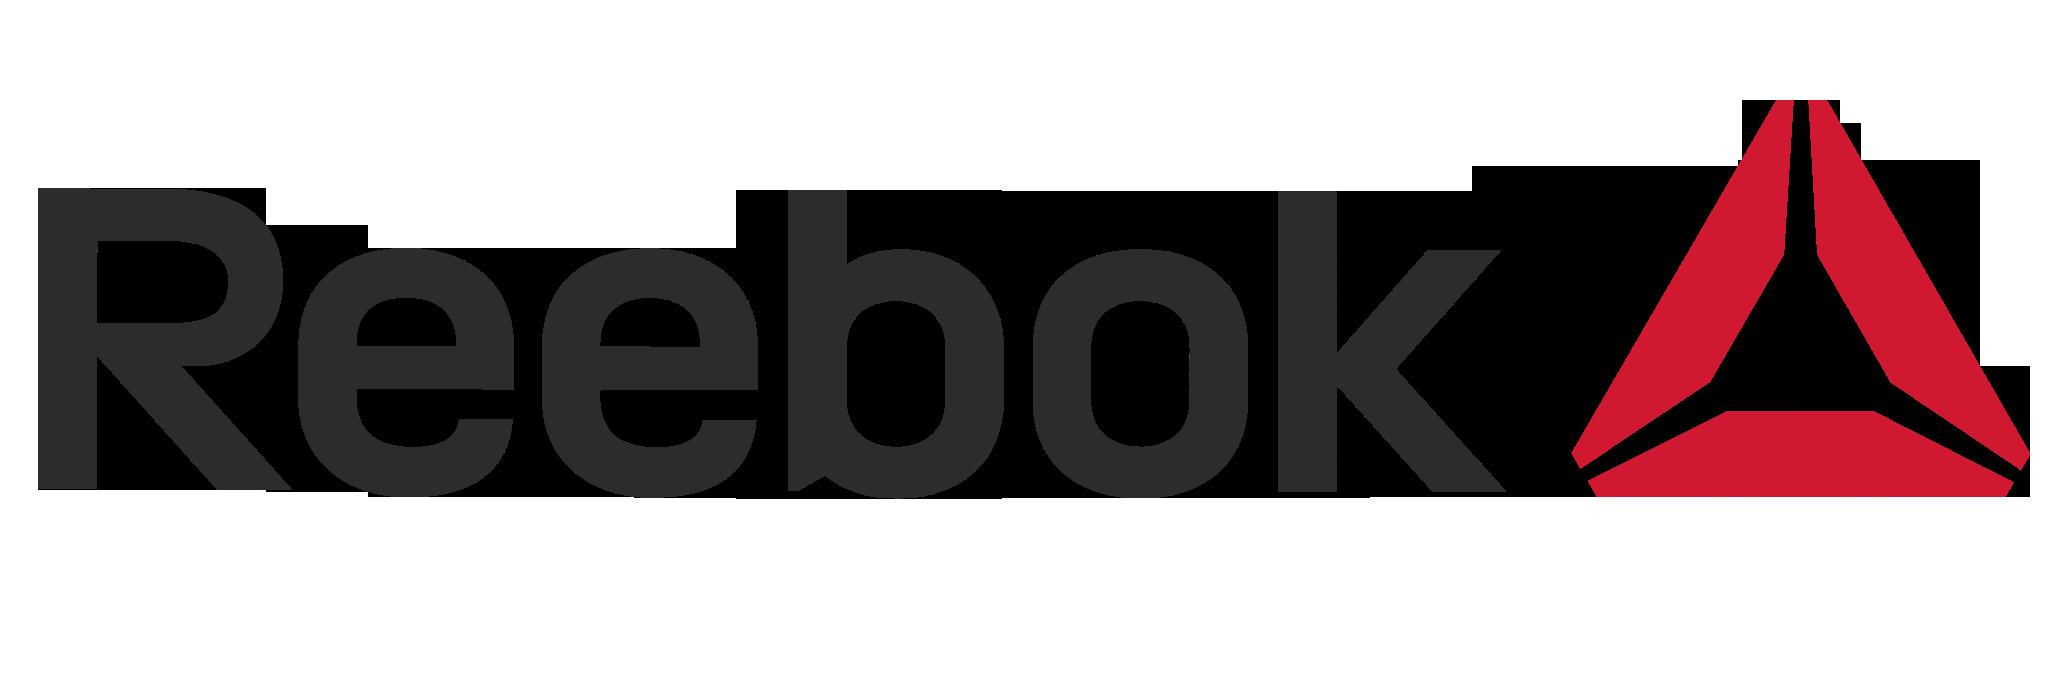 Reebok Coupons 2020 | Logos, Reebok